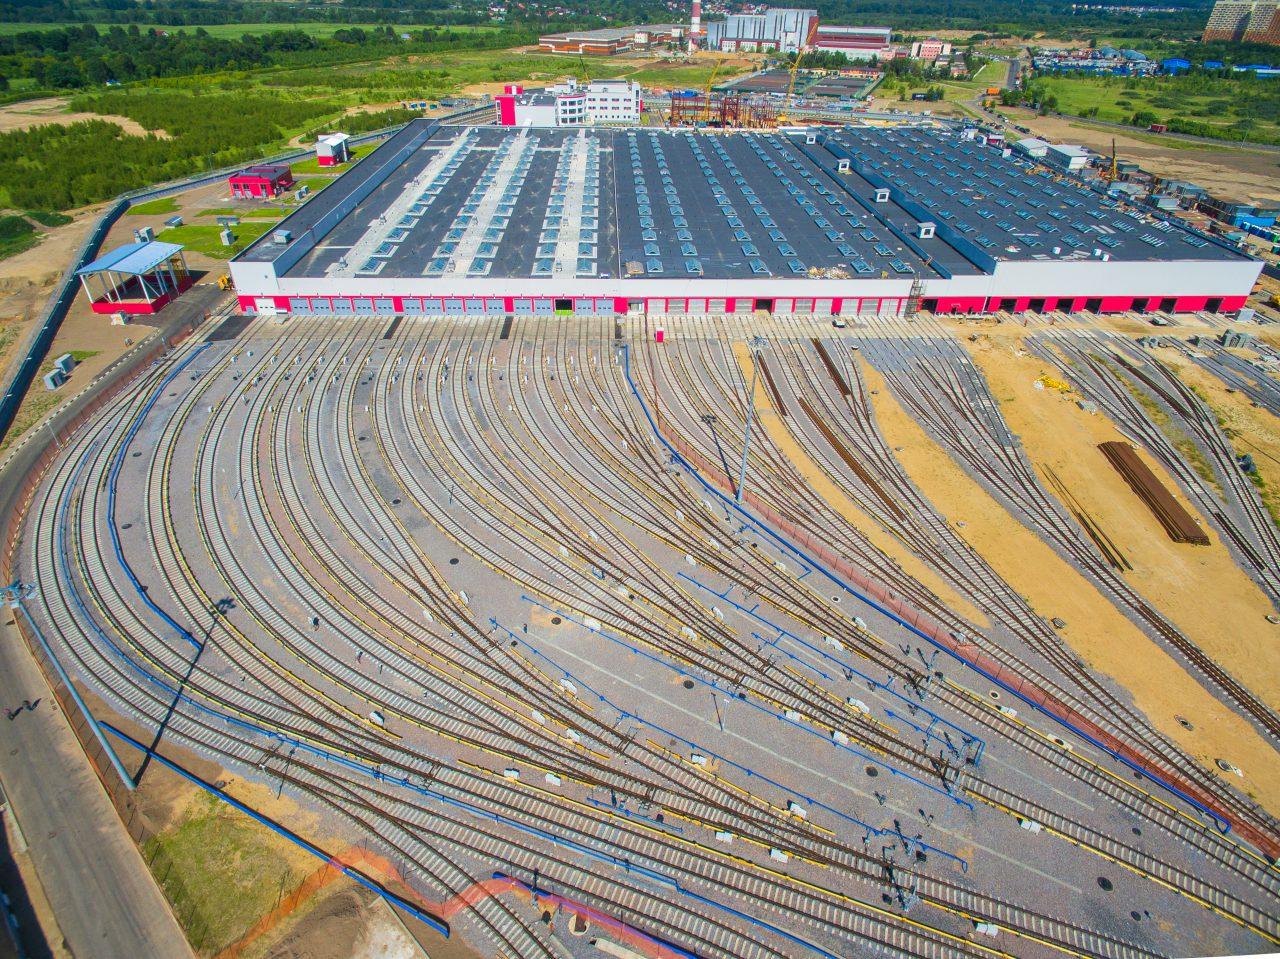 Электродепо «Руднево» победило в номинации «Лучший реализованный проект строительства объектов метрополитена и железнодорожного транспорта»